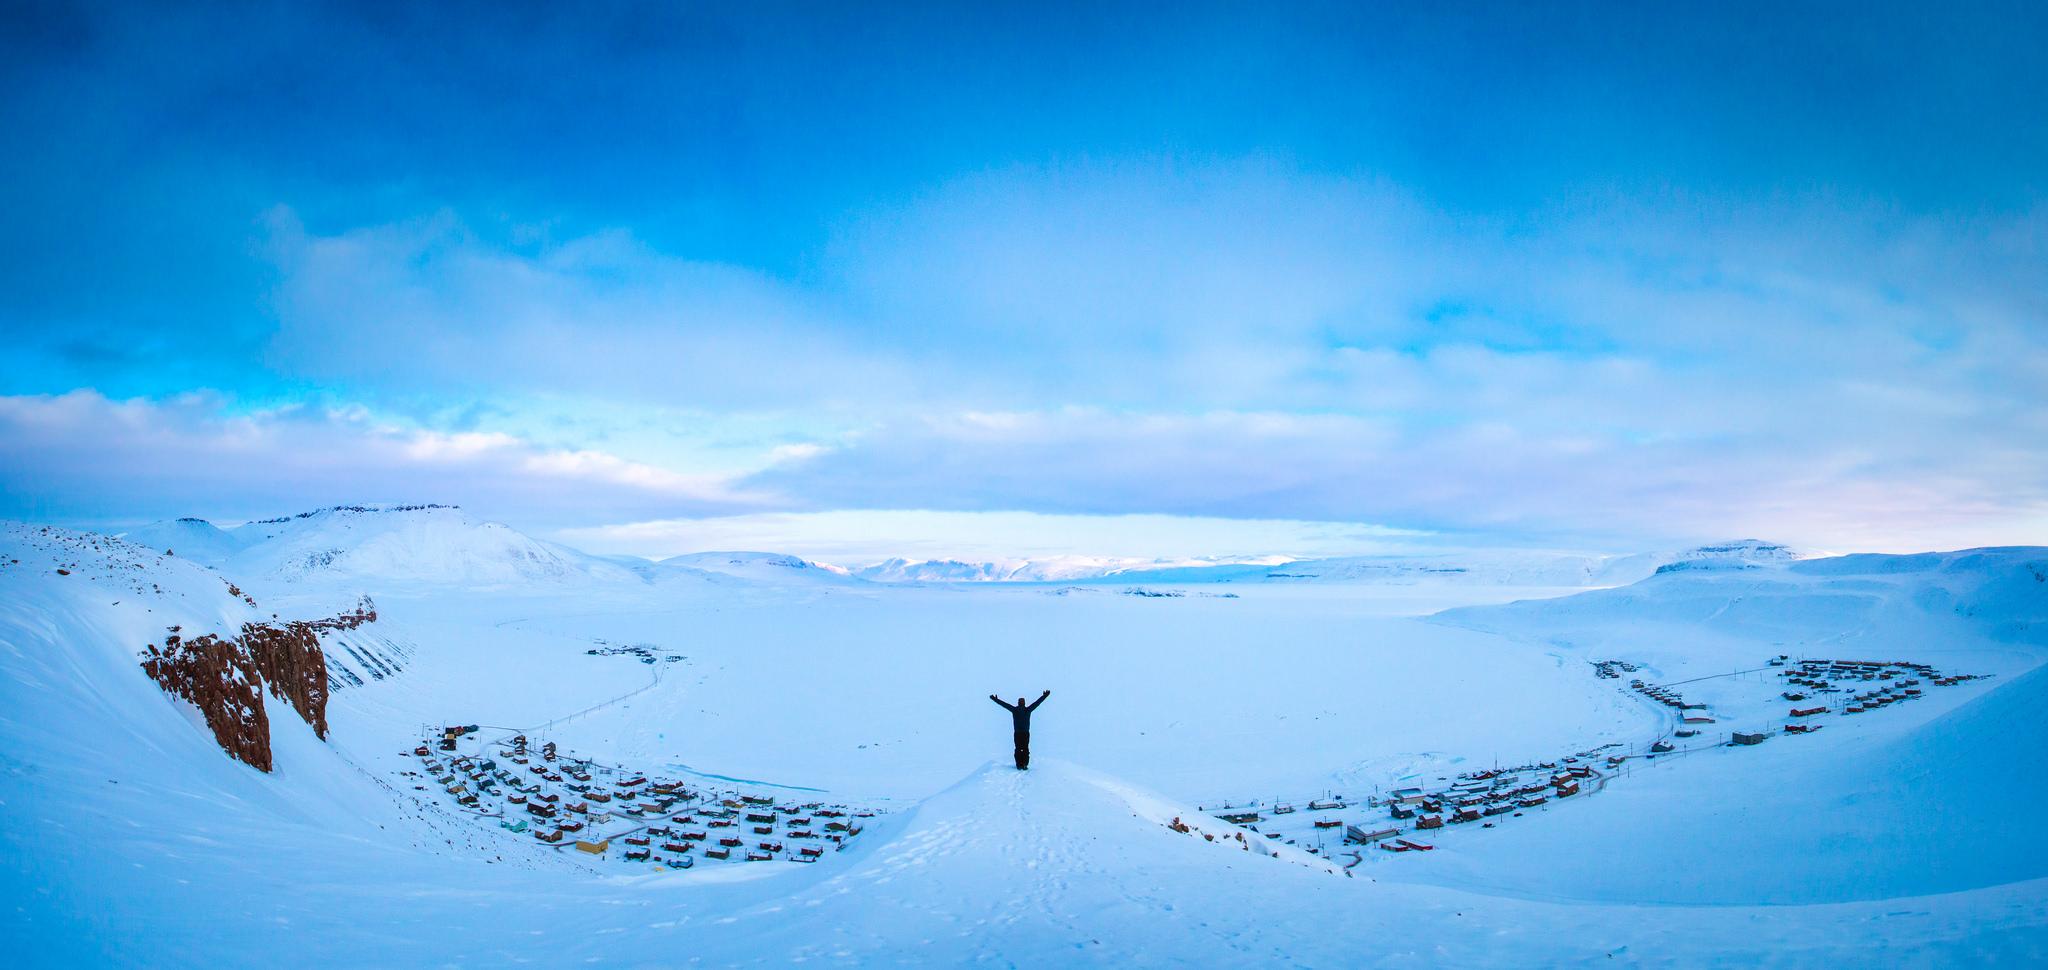 Hombre en la nieve - 2048x970